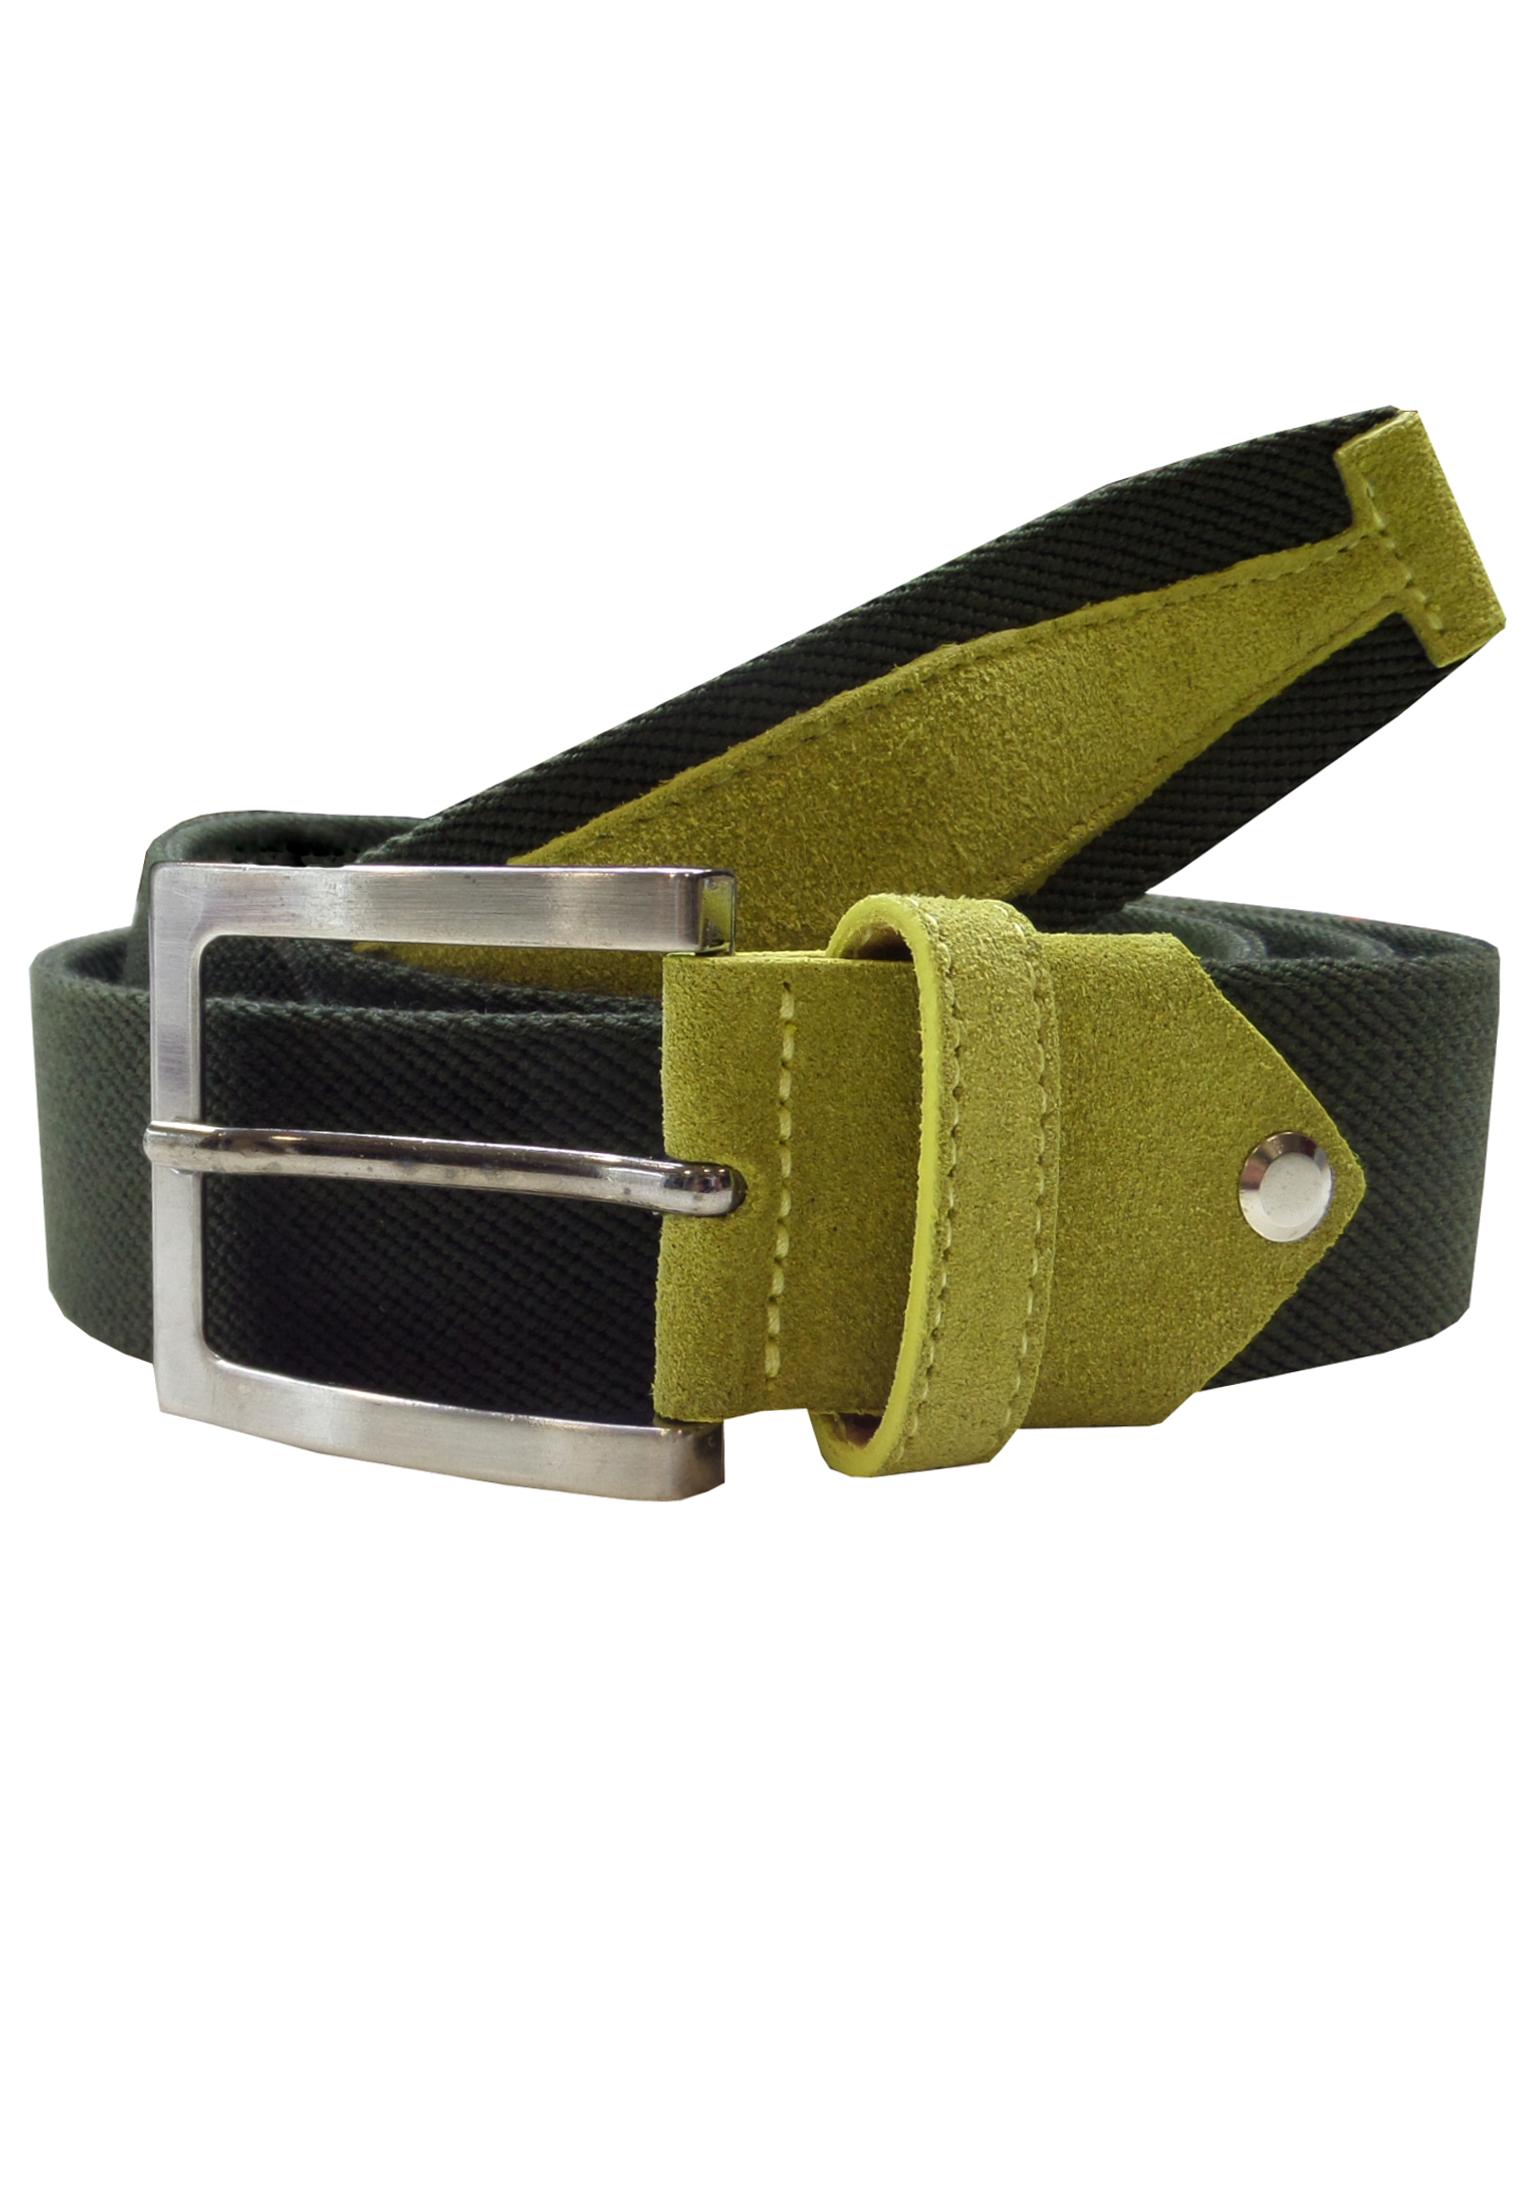 Zeer fijn elastische, gevlochten riem met een vierkante, zilverkleurige gesp en met aan het begin en eind voorzien van een stuk leer met suede-look. Breedte van de riem: 3,5 cm.